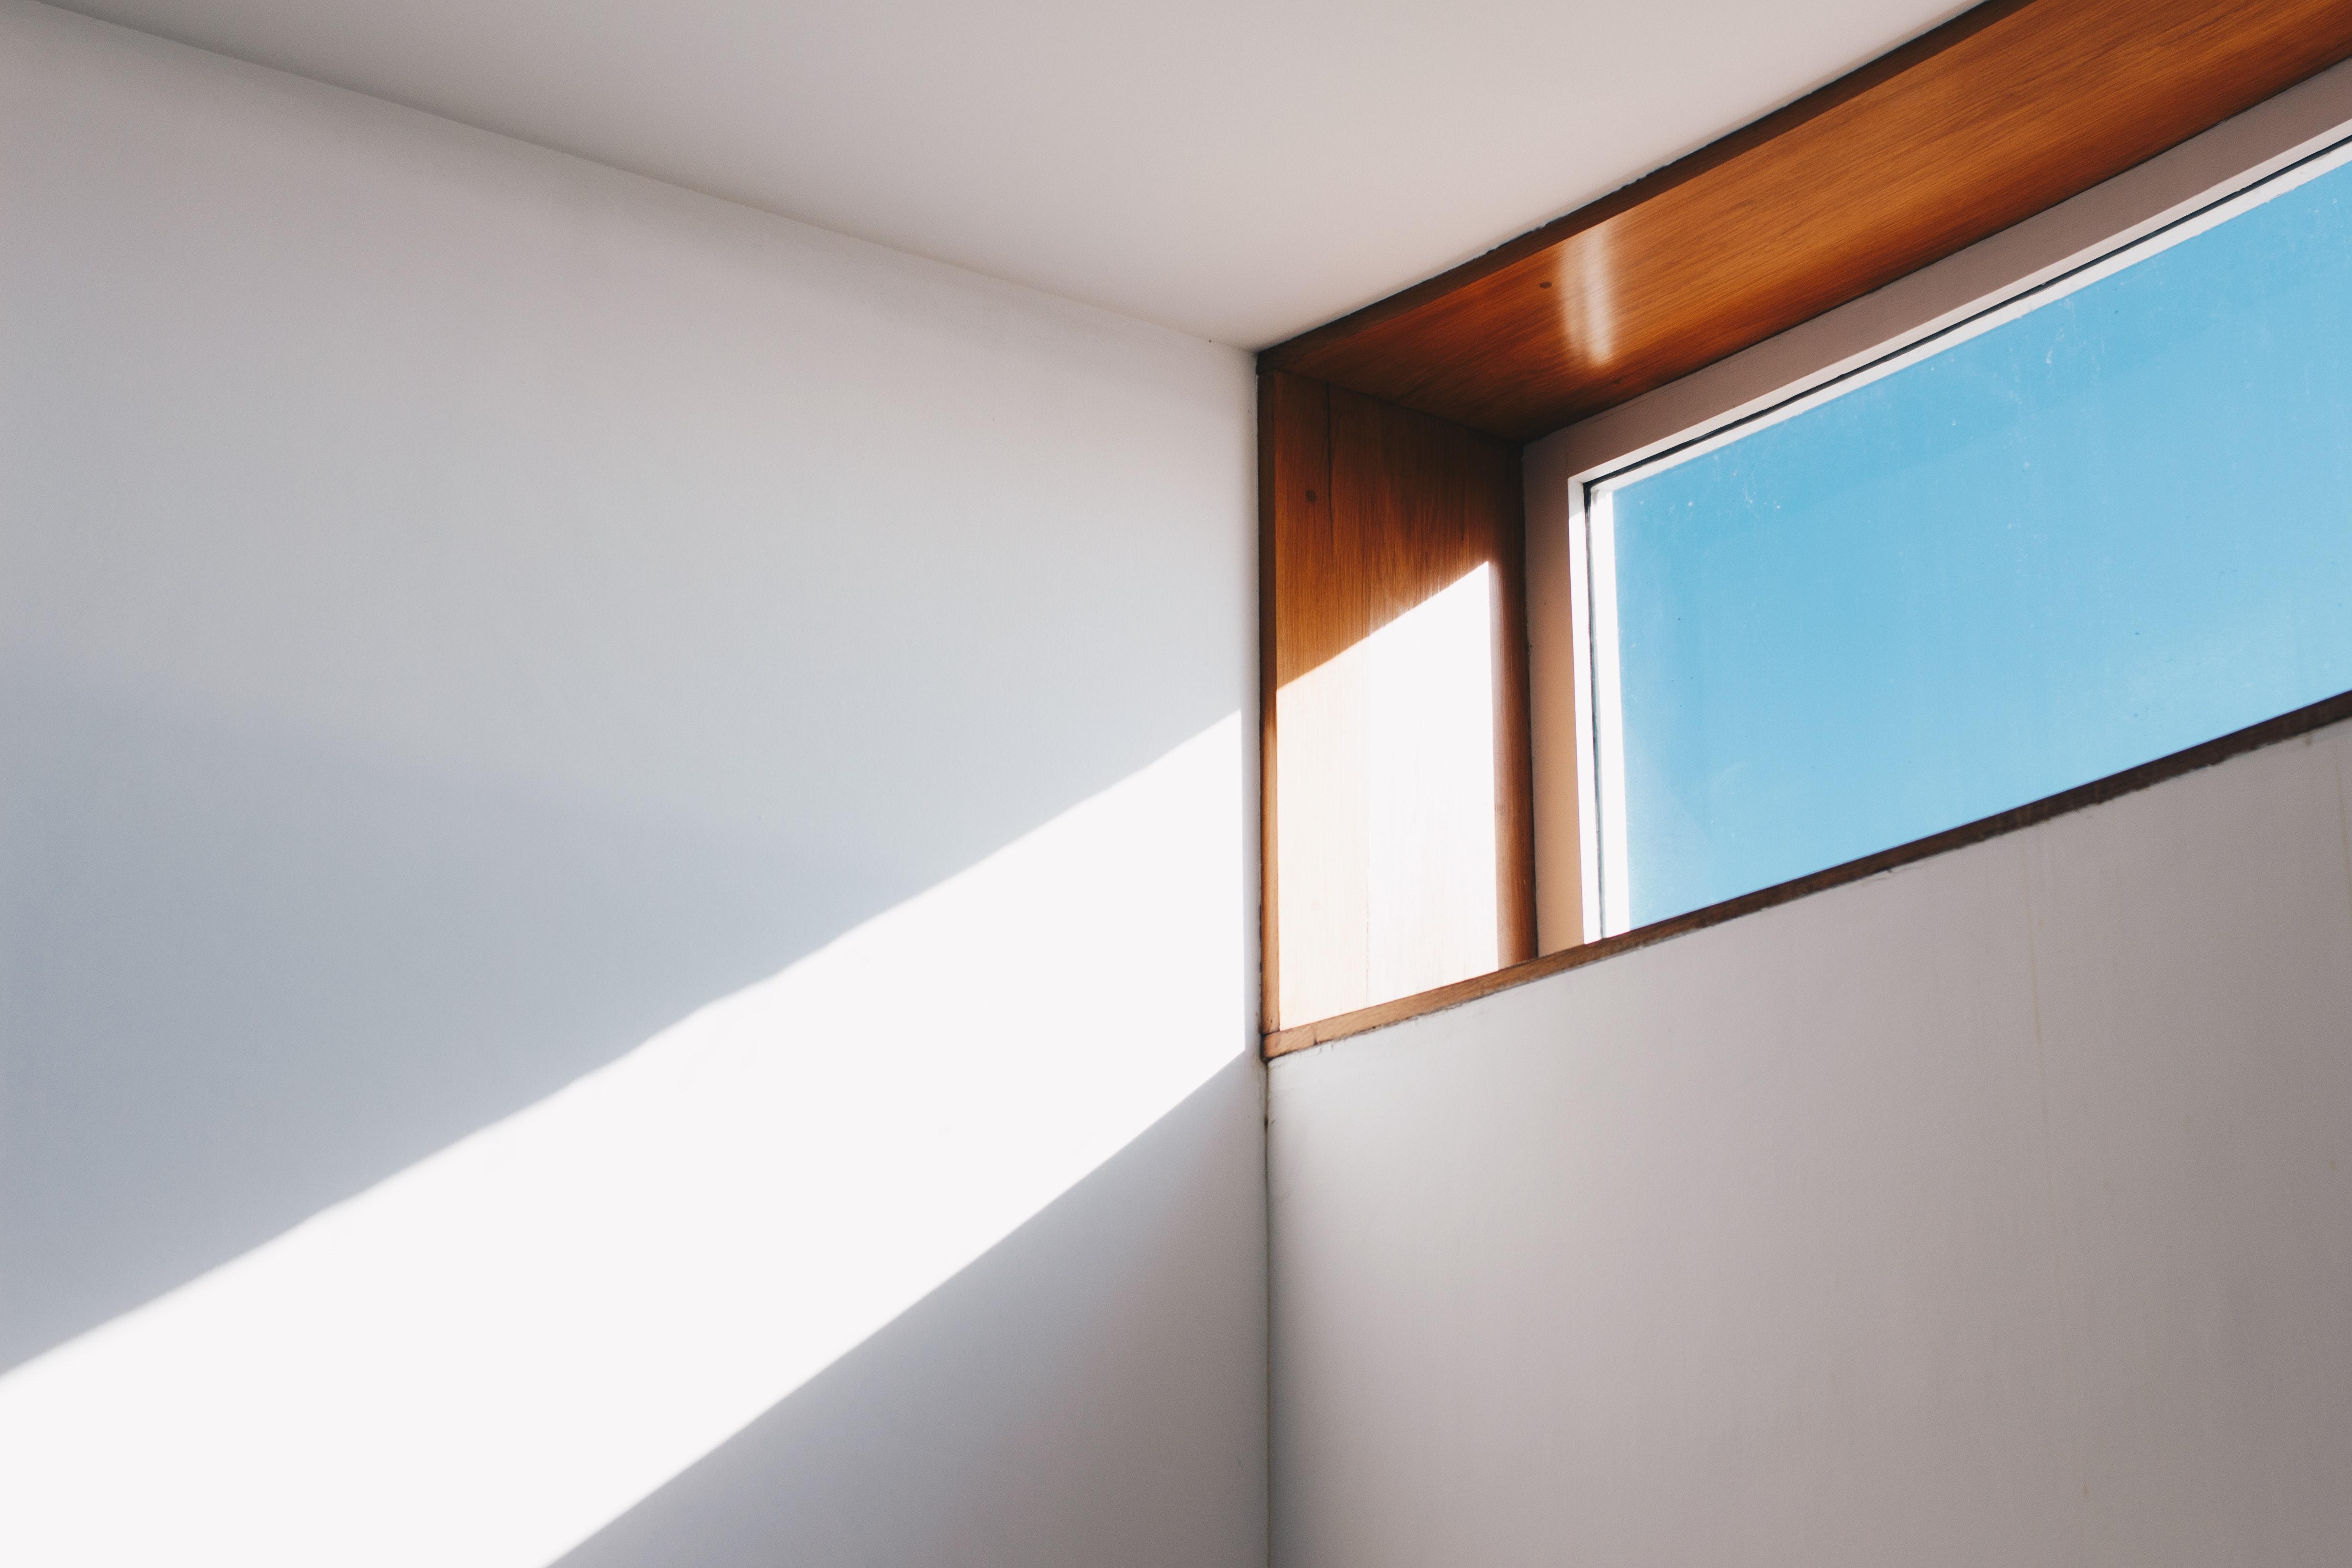 Brak okien w pomieszczeniach- manipulacja?